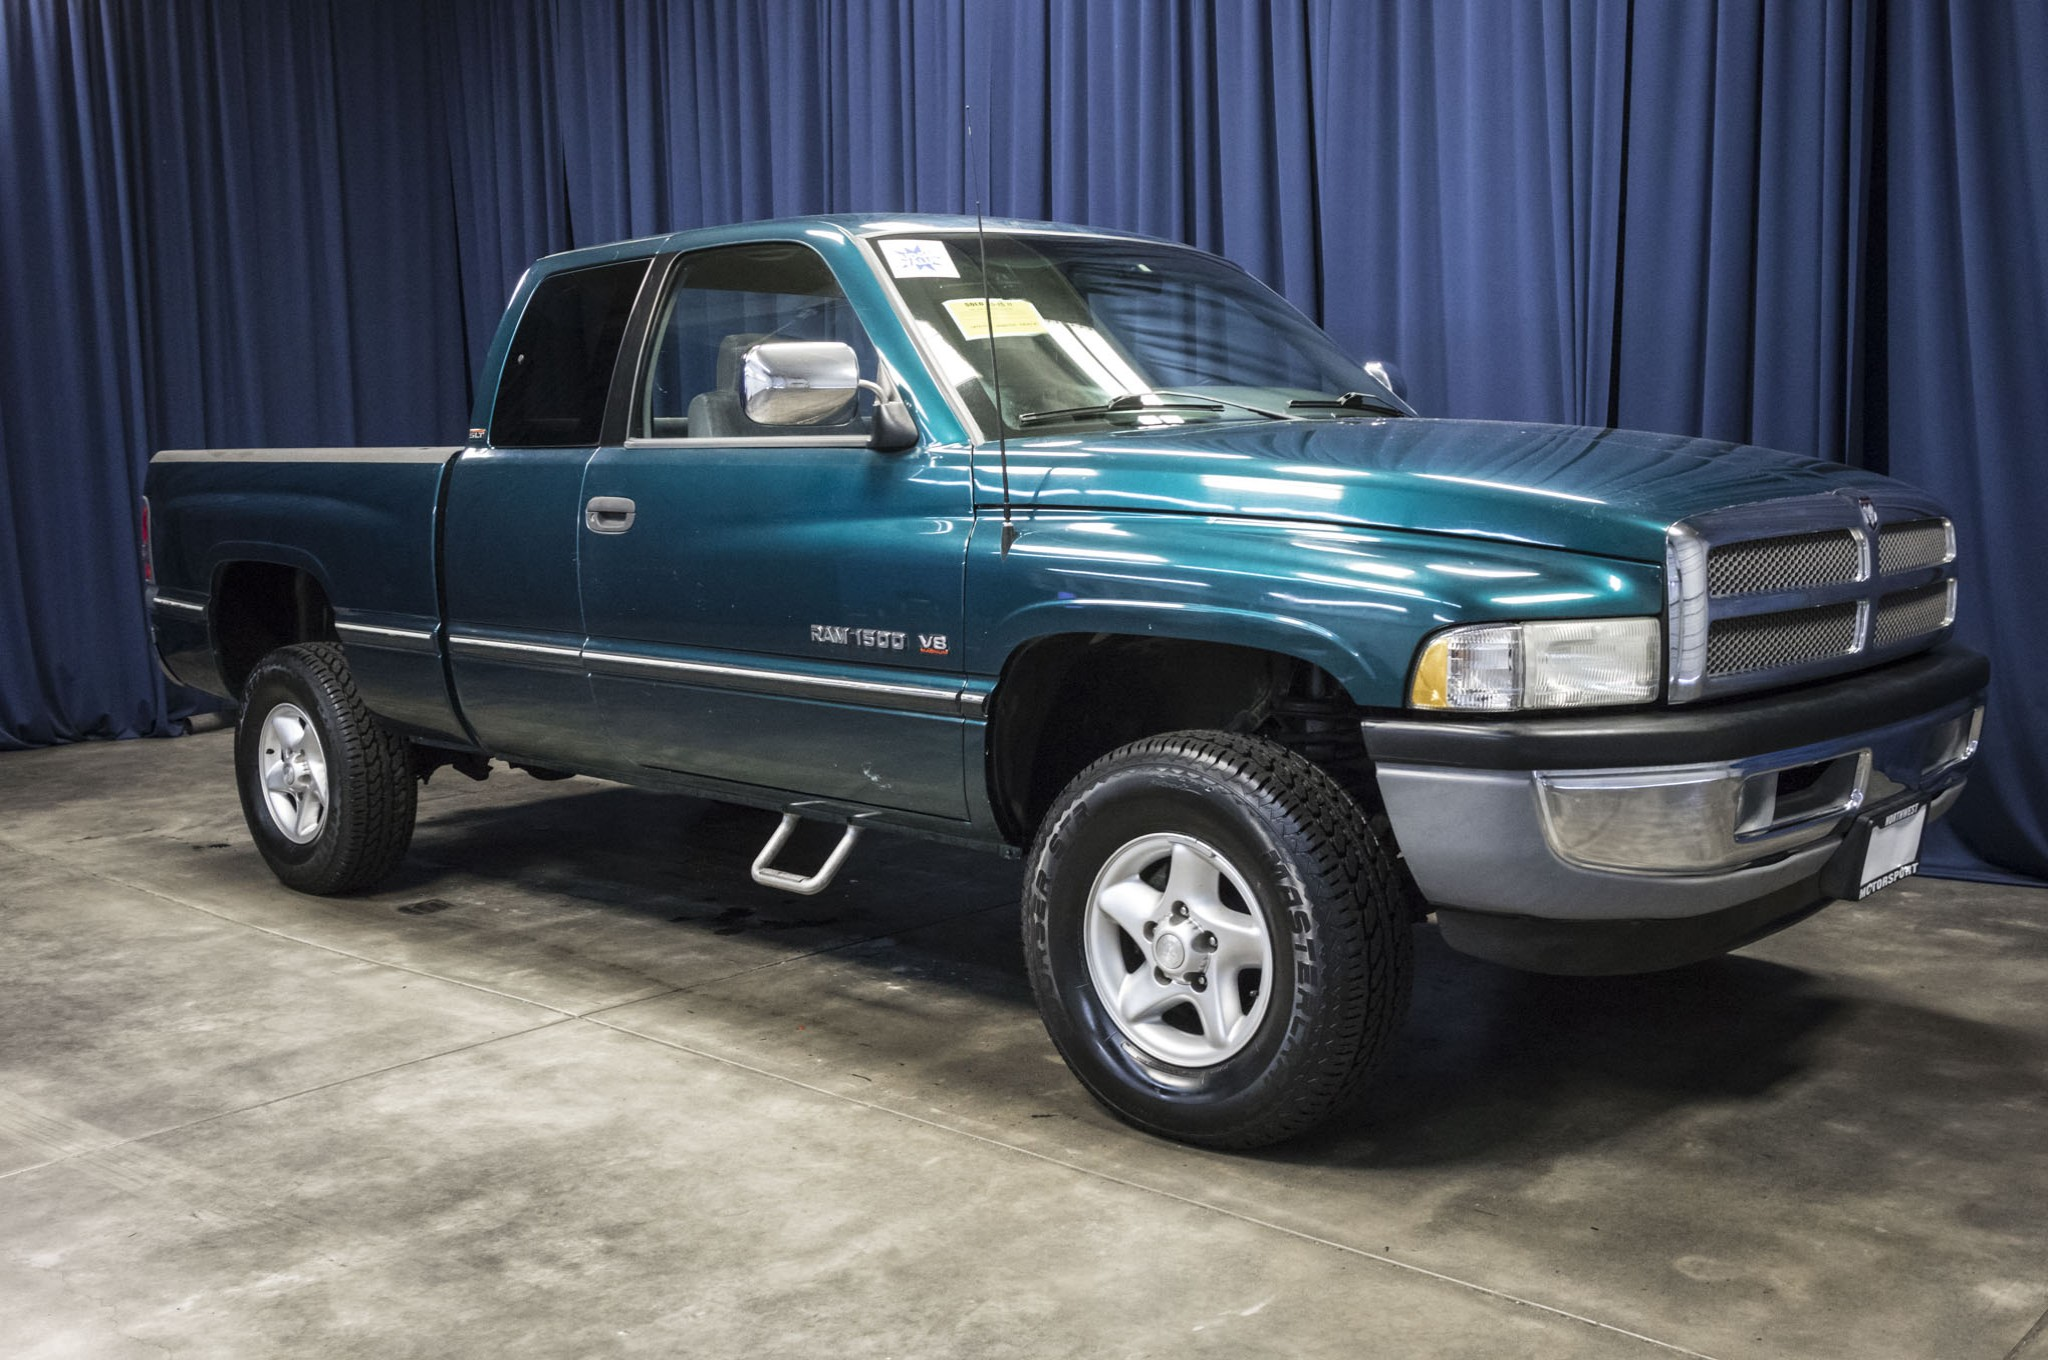 used 1997 dodge ram 1500 slt 4x4 truck for sale 40117m. Black Bedroom Furniture Sets. Home Design Ideas